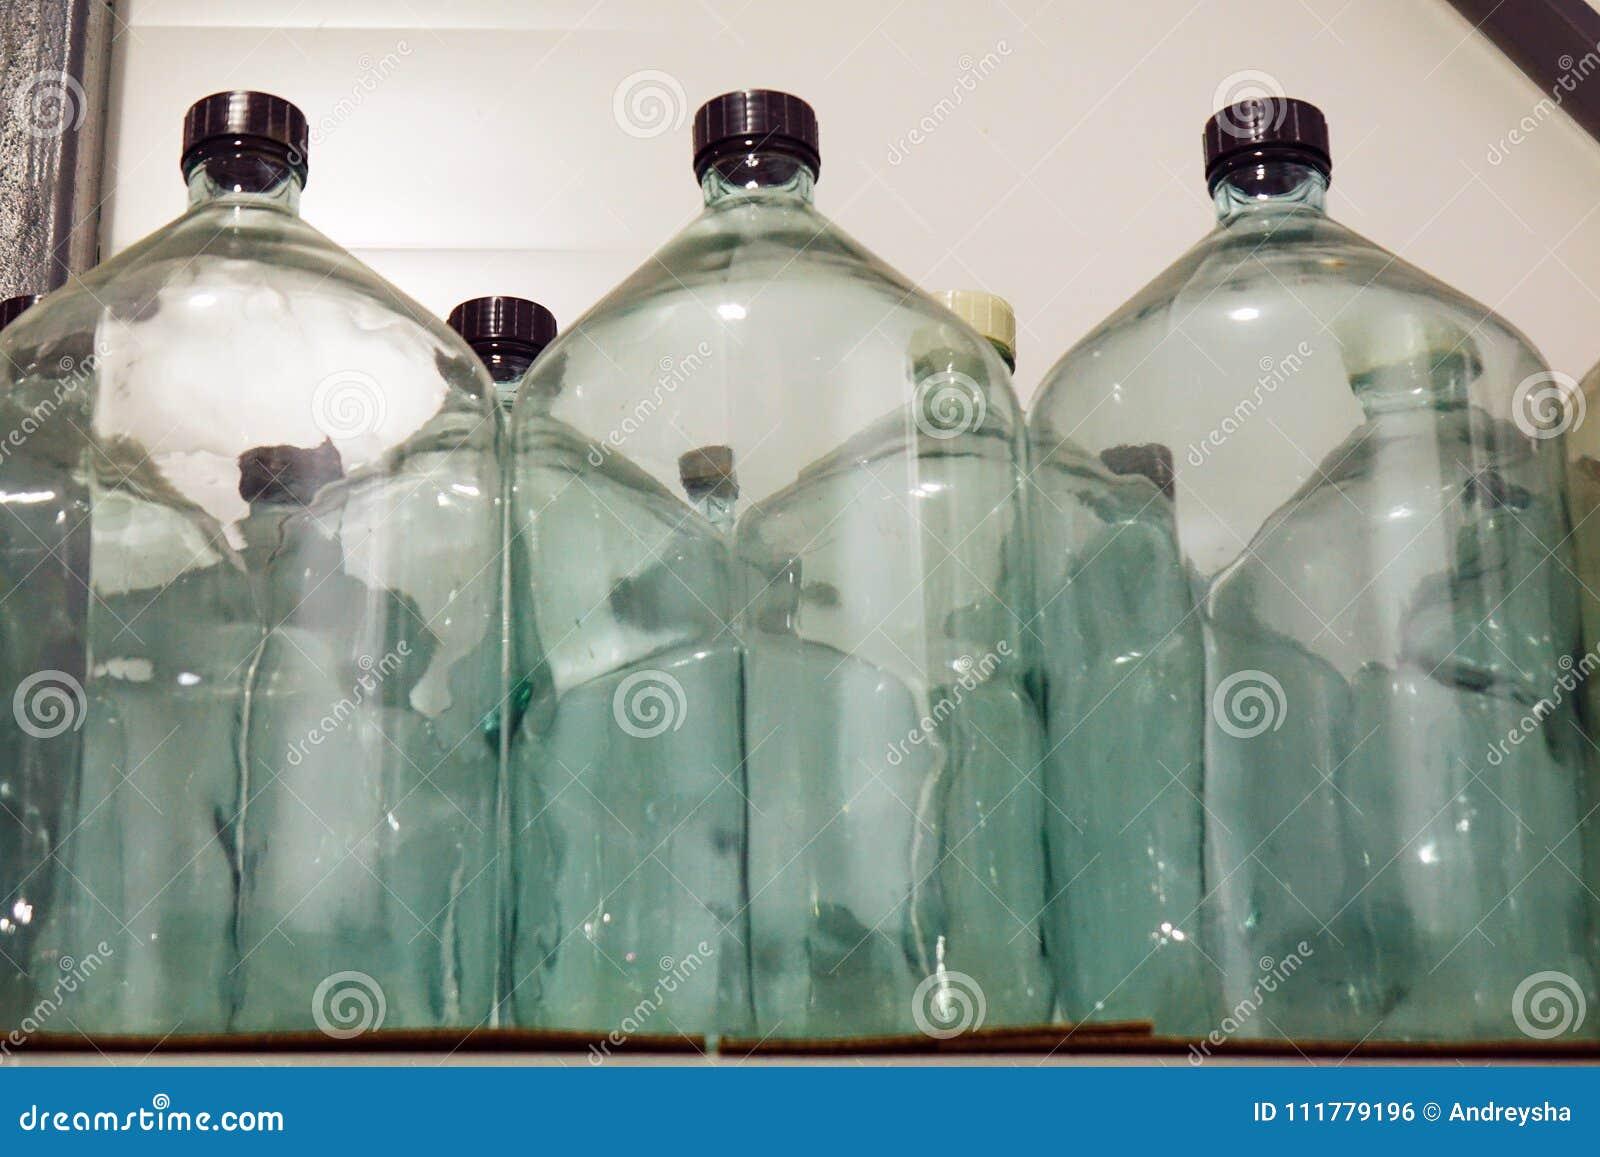 大玻璃瓶 存贮